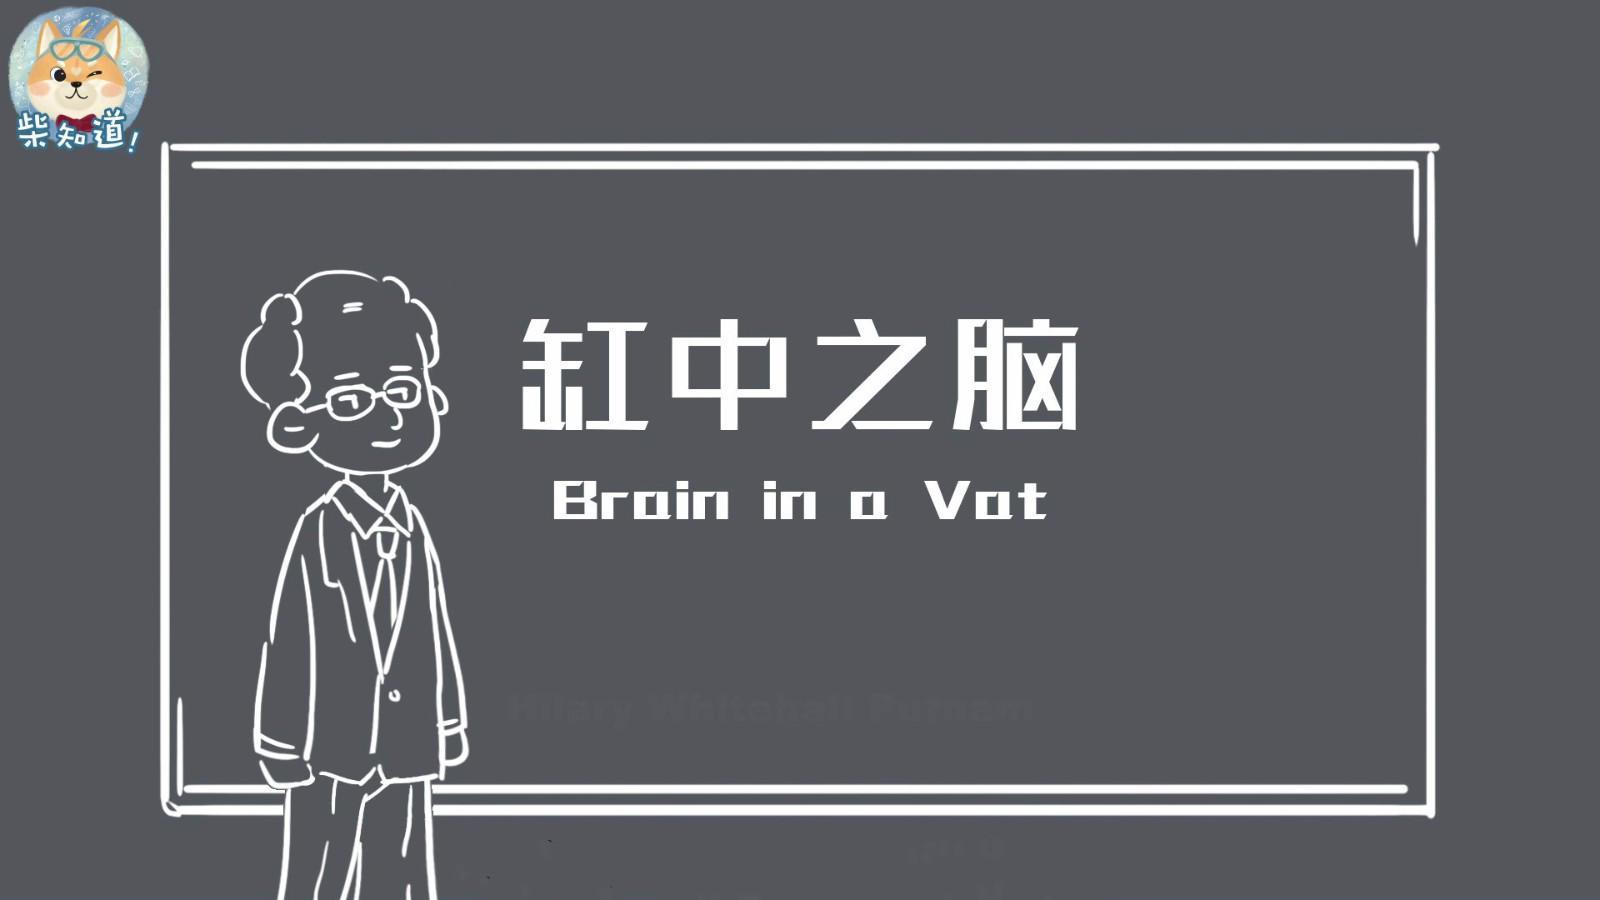 你的大脑真的在你的身体中?《黑客帝国》背后思想实验了解一下!